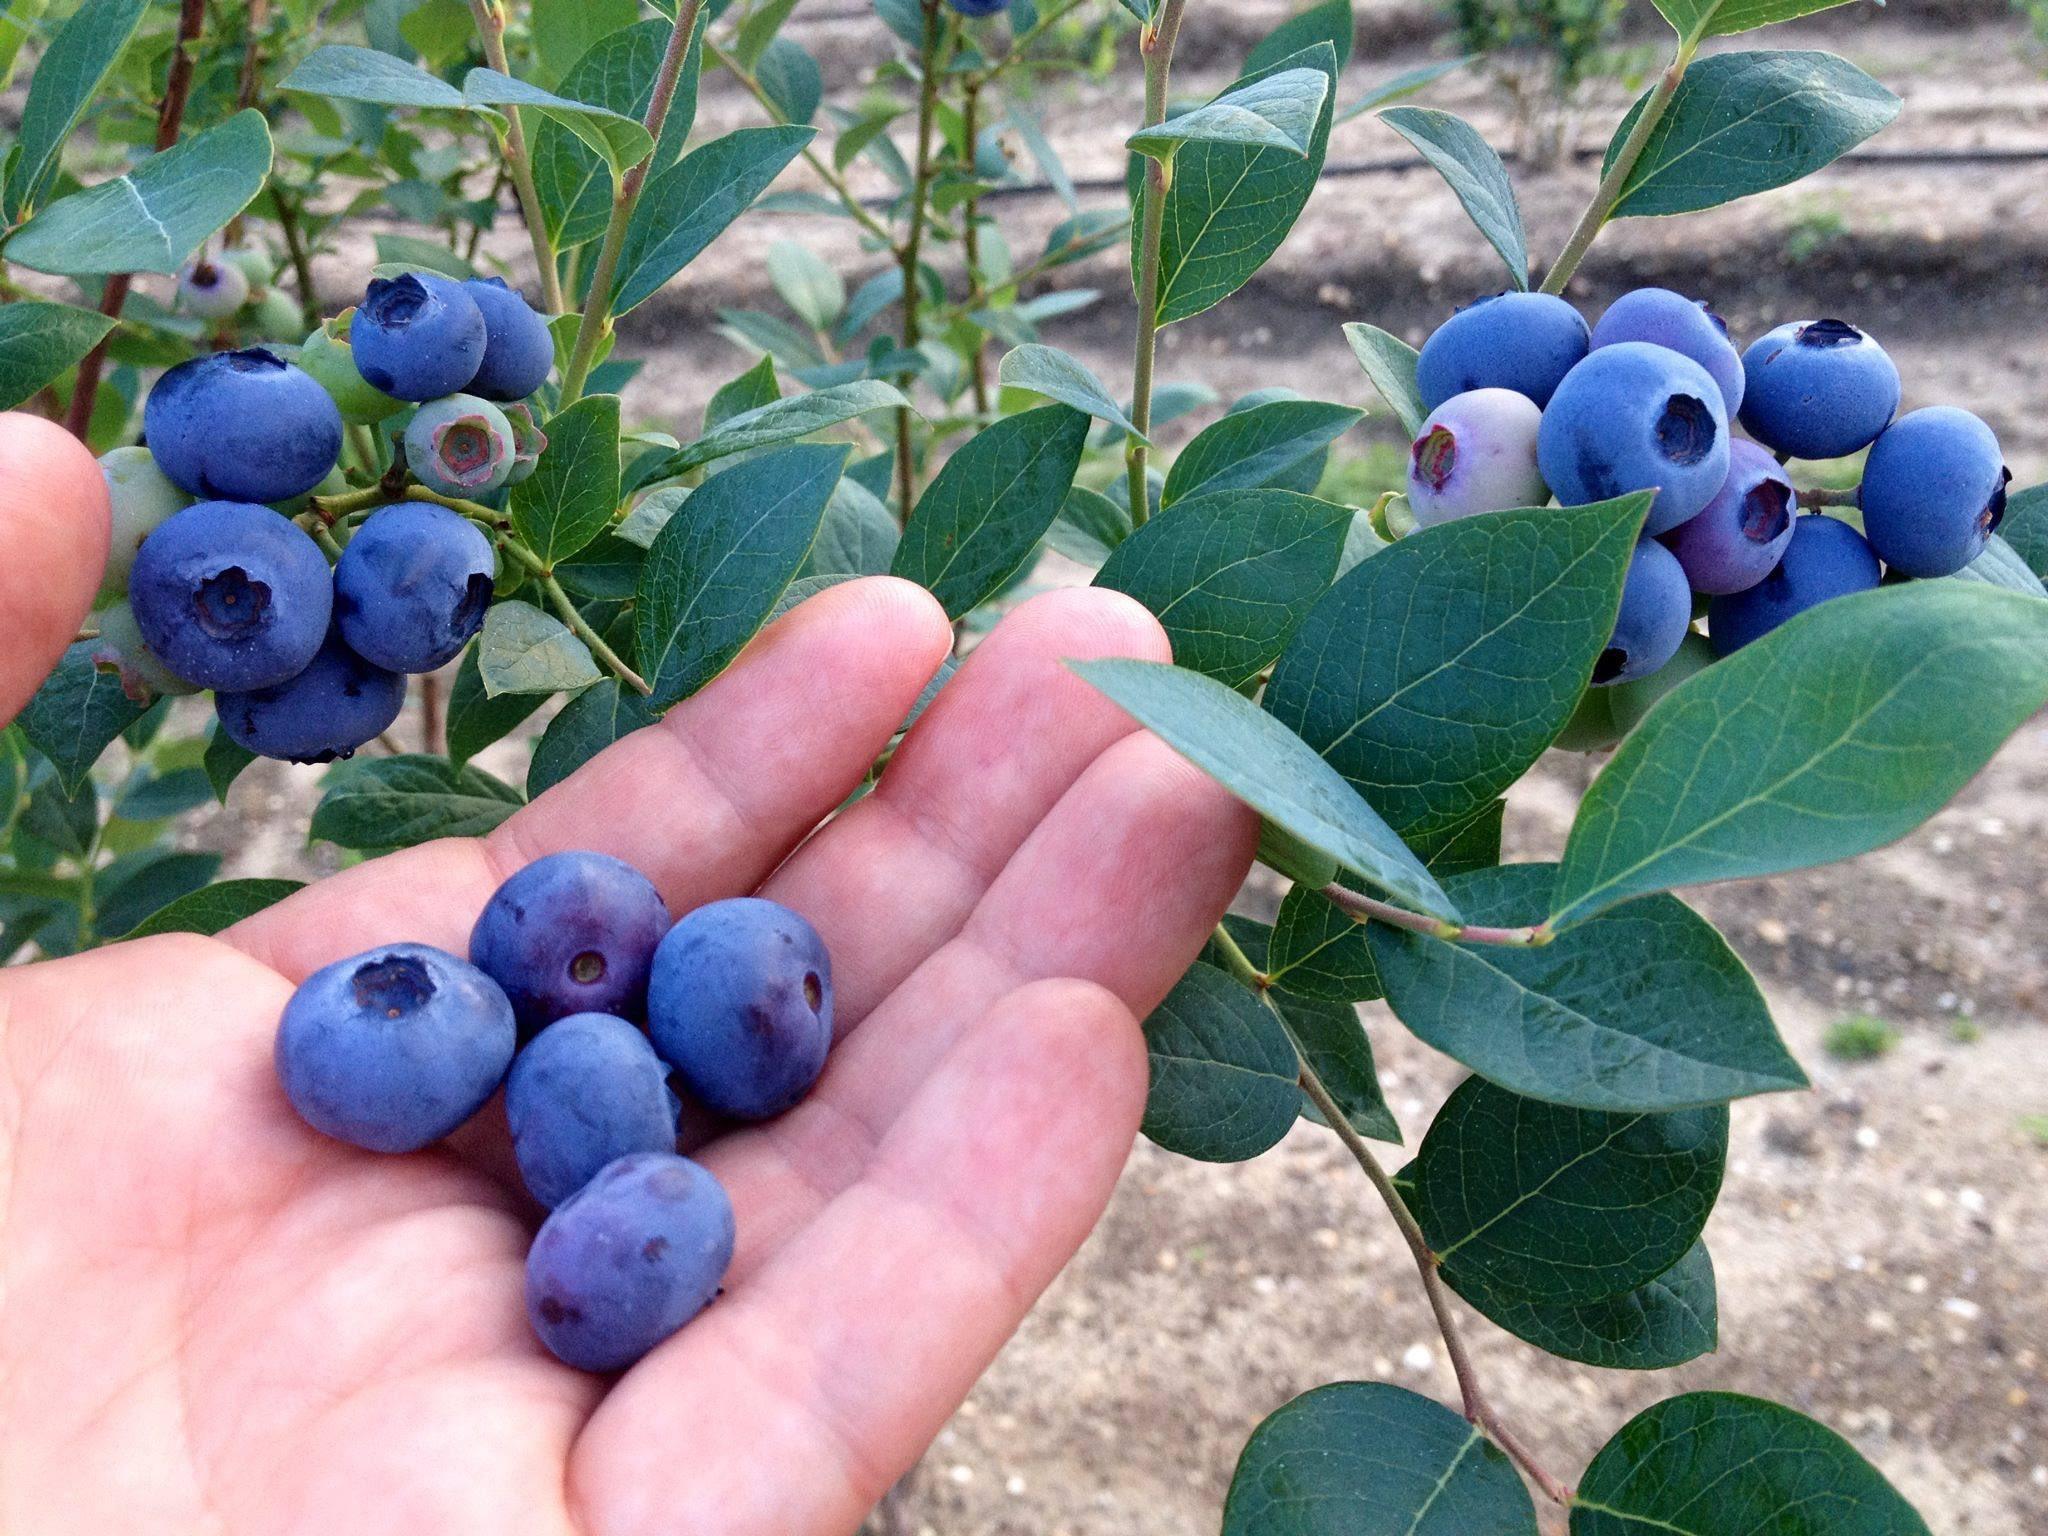 المشتل الإلكتروني Di Twitter التوت الأزرق Blueberry ينمو فالمناطق الباردة و يتكاثر بالبذور و العقل جربت زراعة خمسة أنواع وهي Duke Elliott Reka Bluecrop Legacy Https T Co Azxzwlbsph